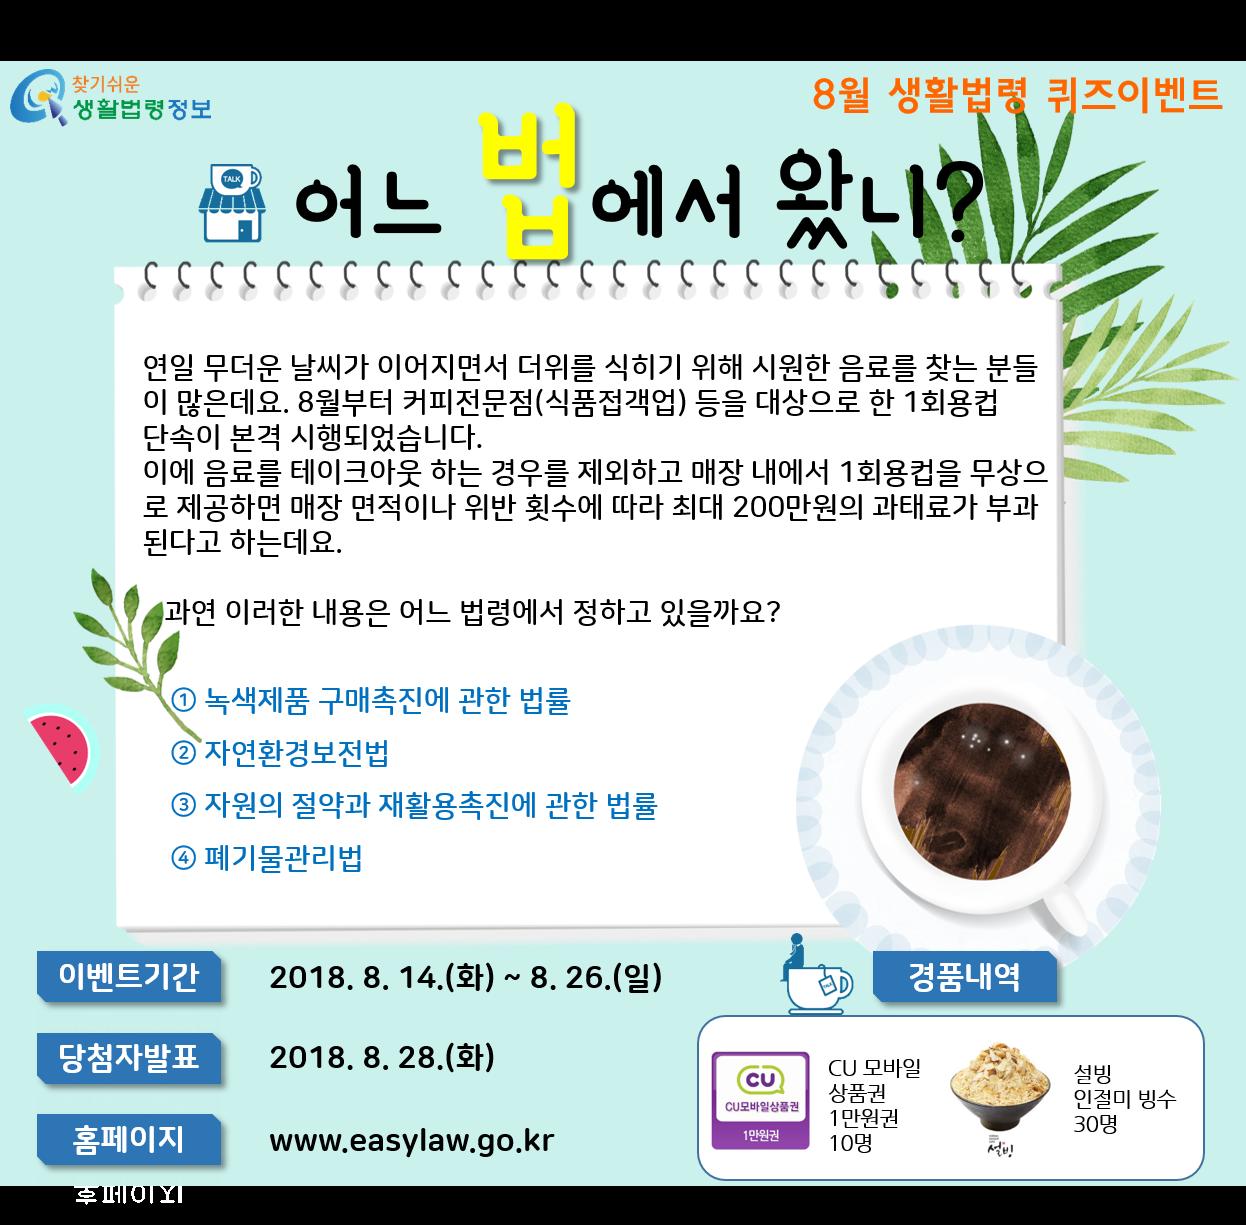 """2018년 8월 생활법령 퀴즈 이벤트 개최 """"어느 법에서 왔니"""""""